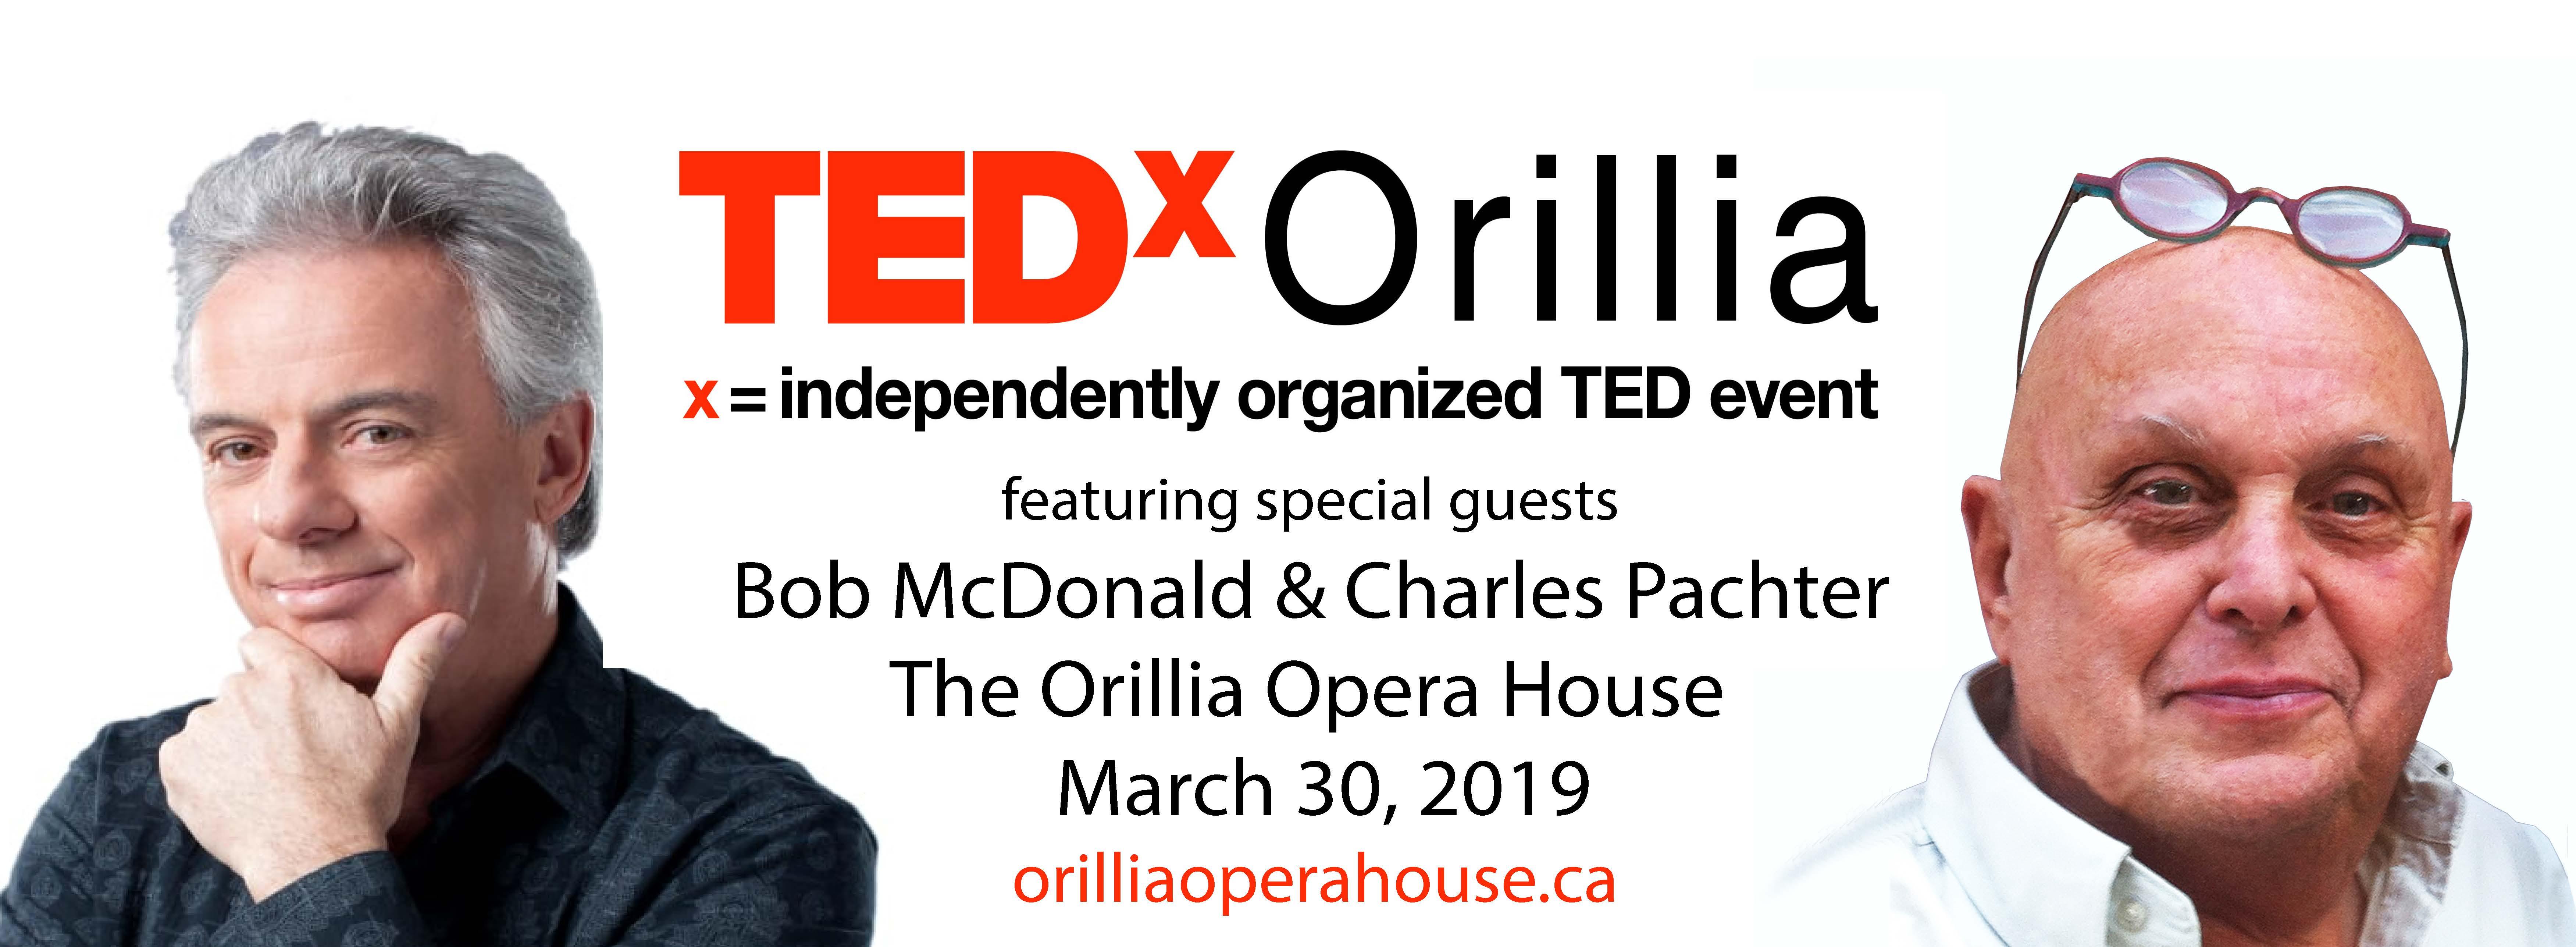 TEDxOrillia